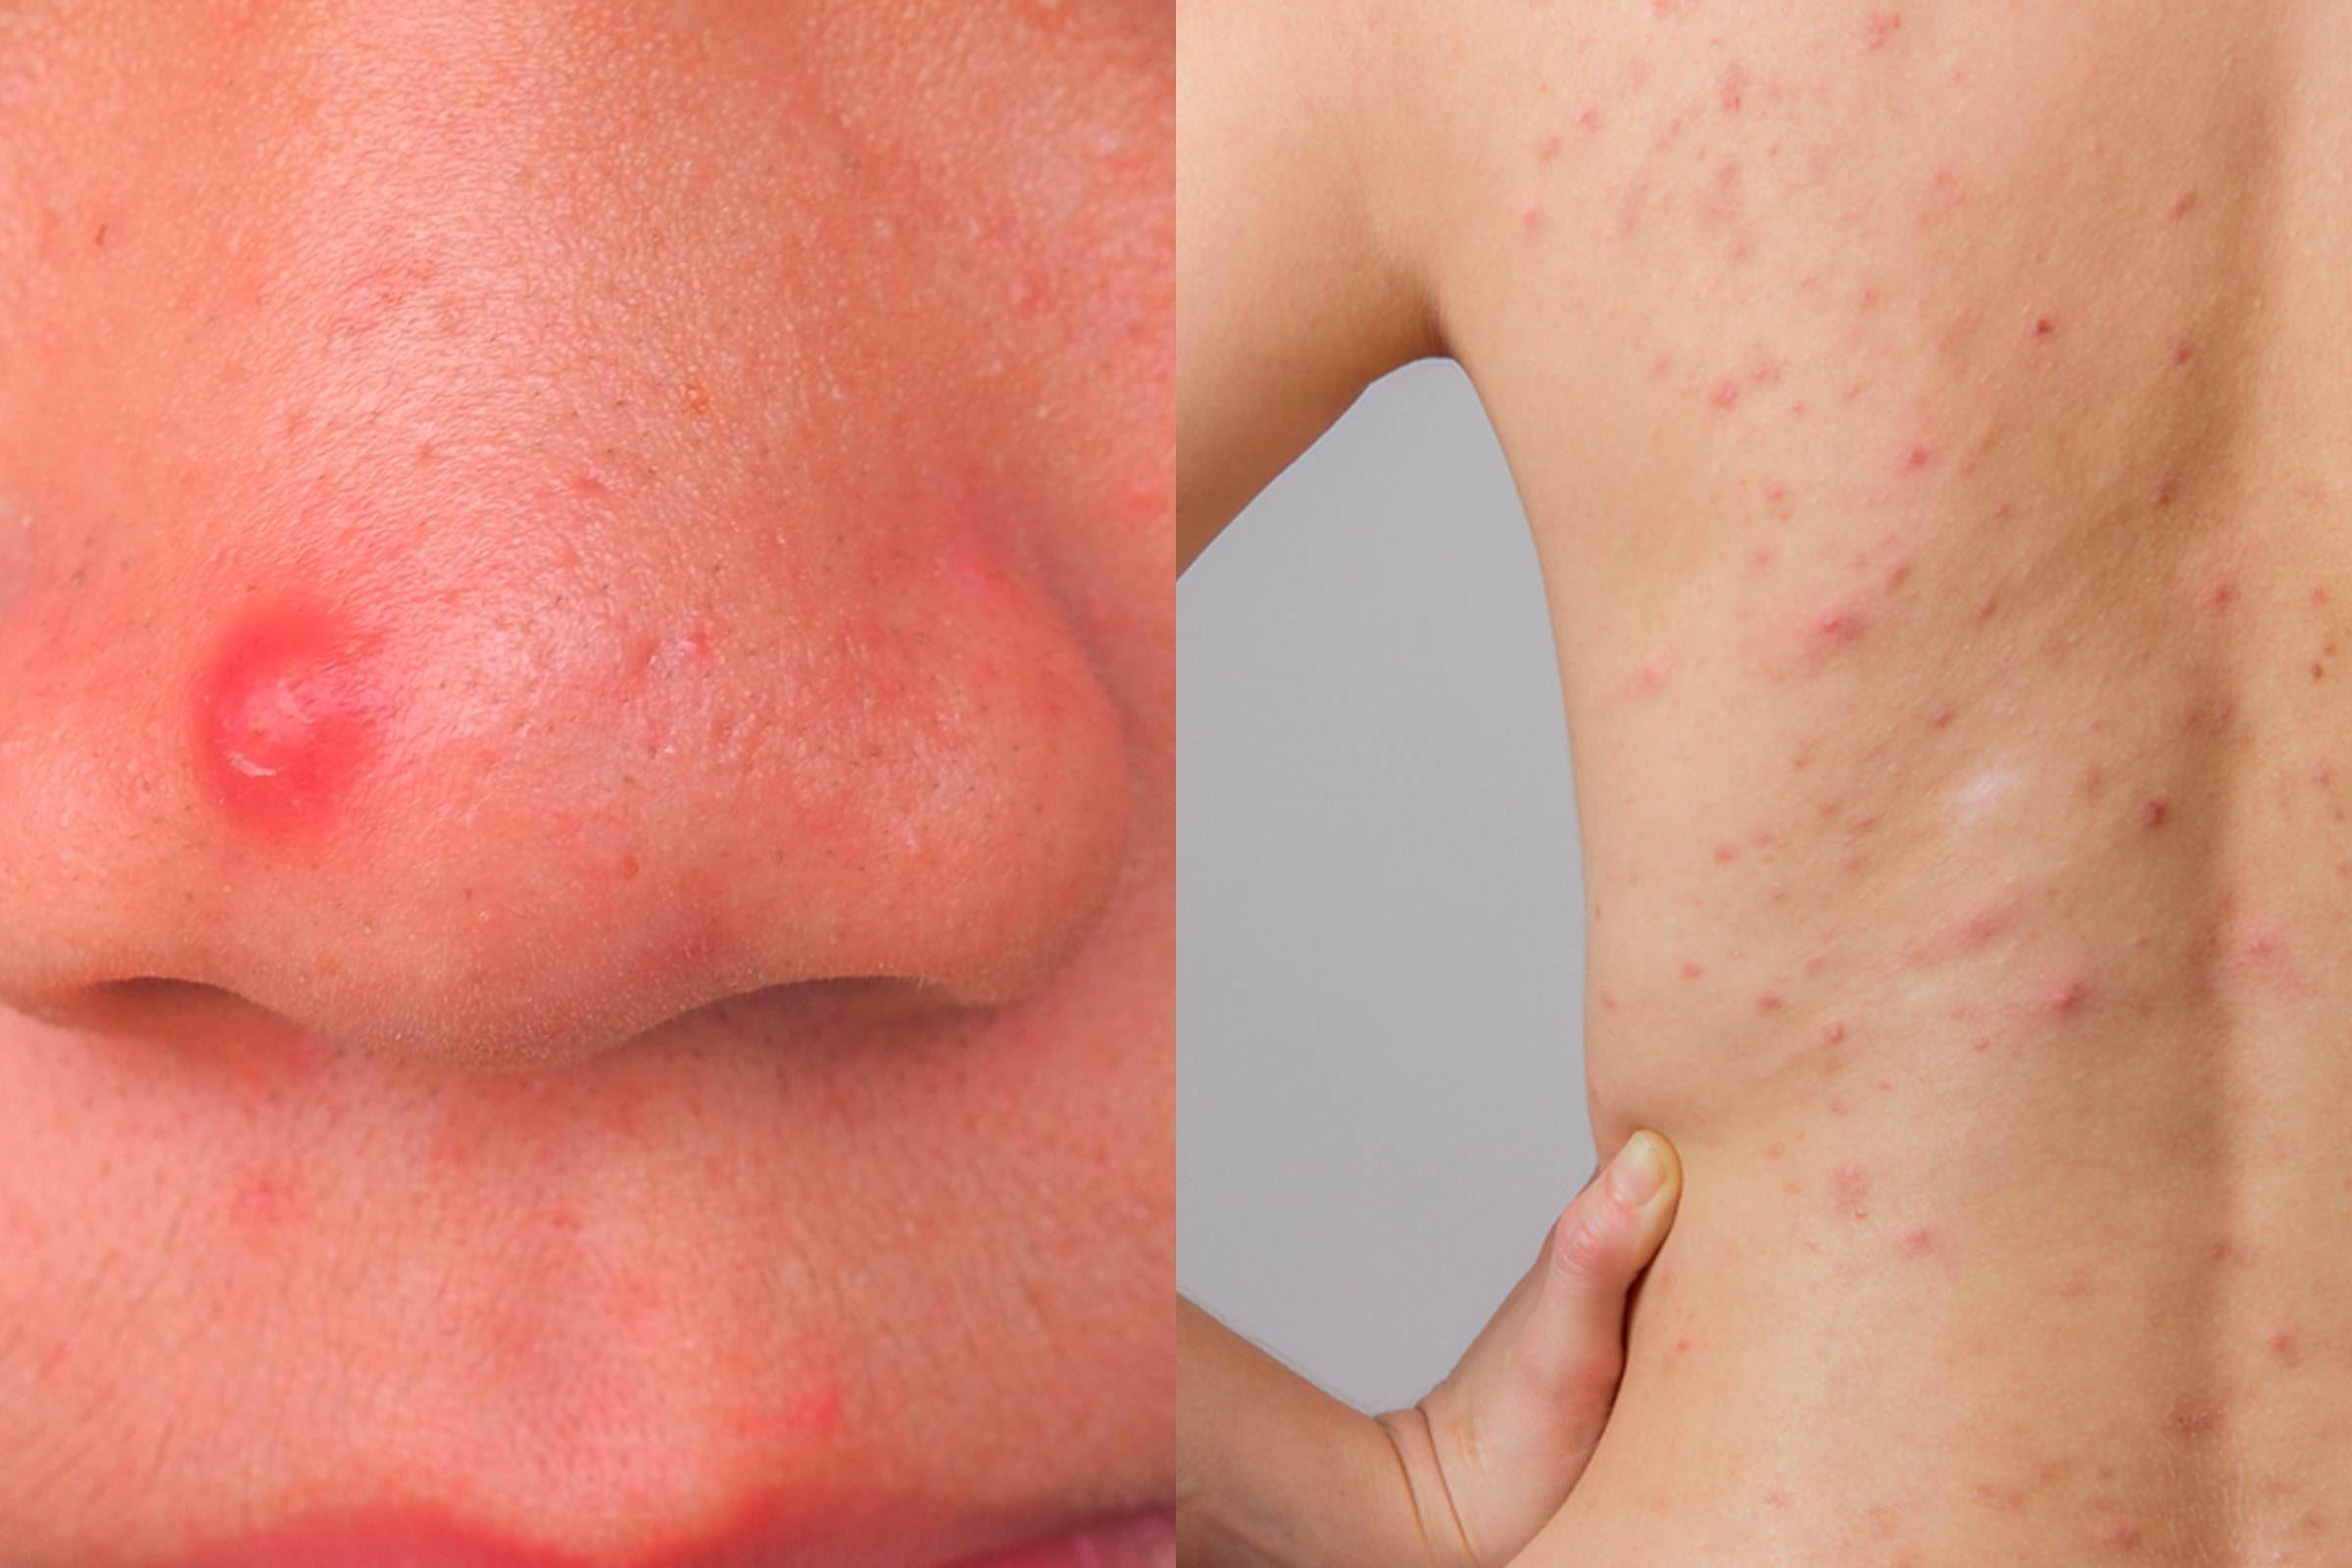 Ce que révèle l'emplacement de l'acné